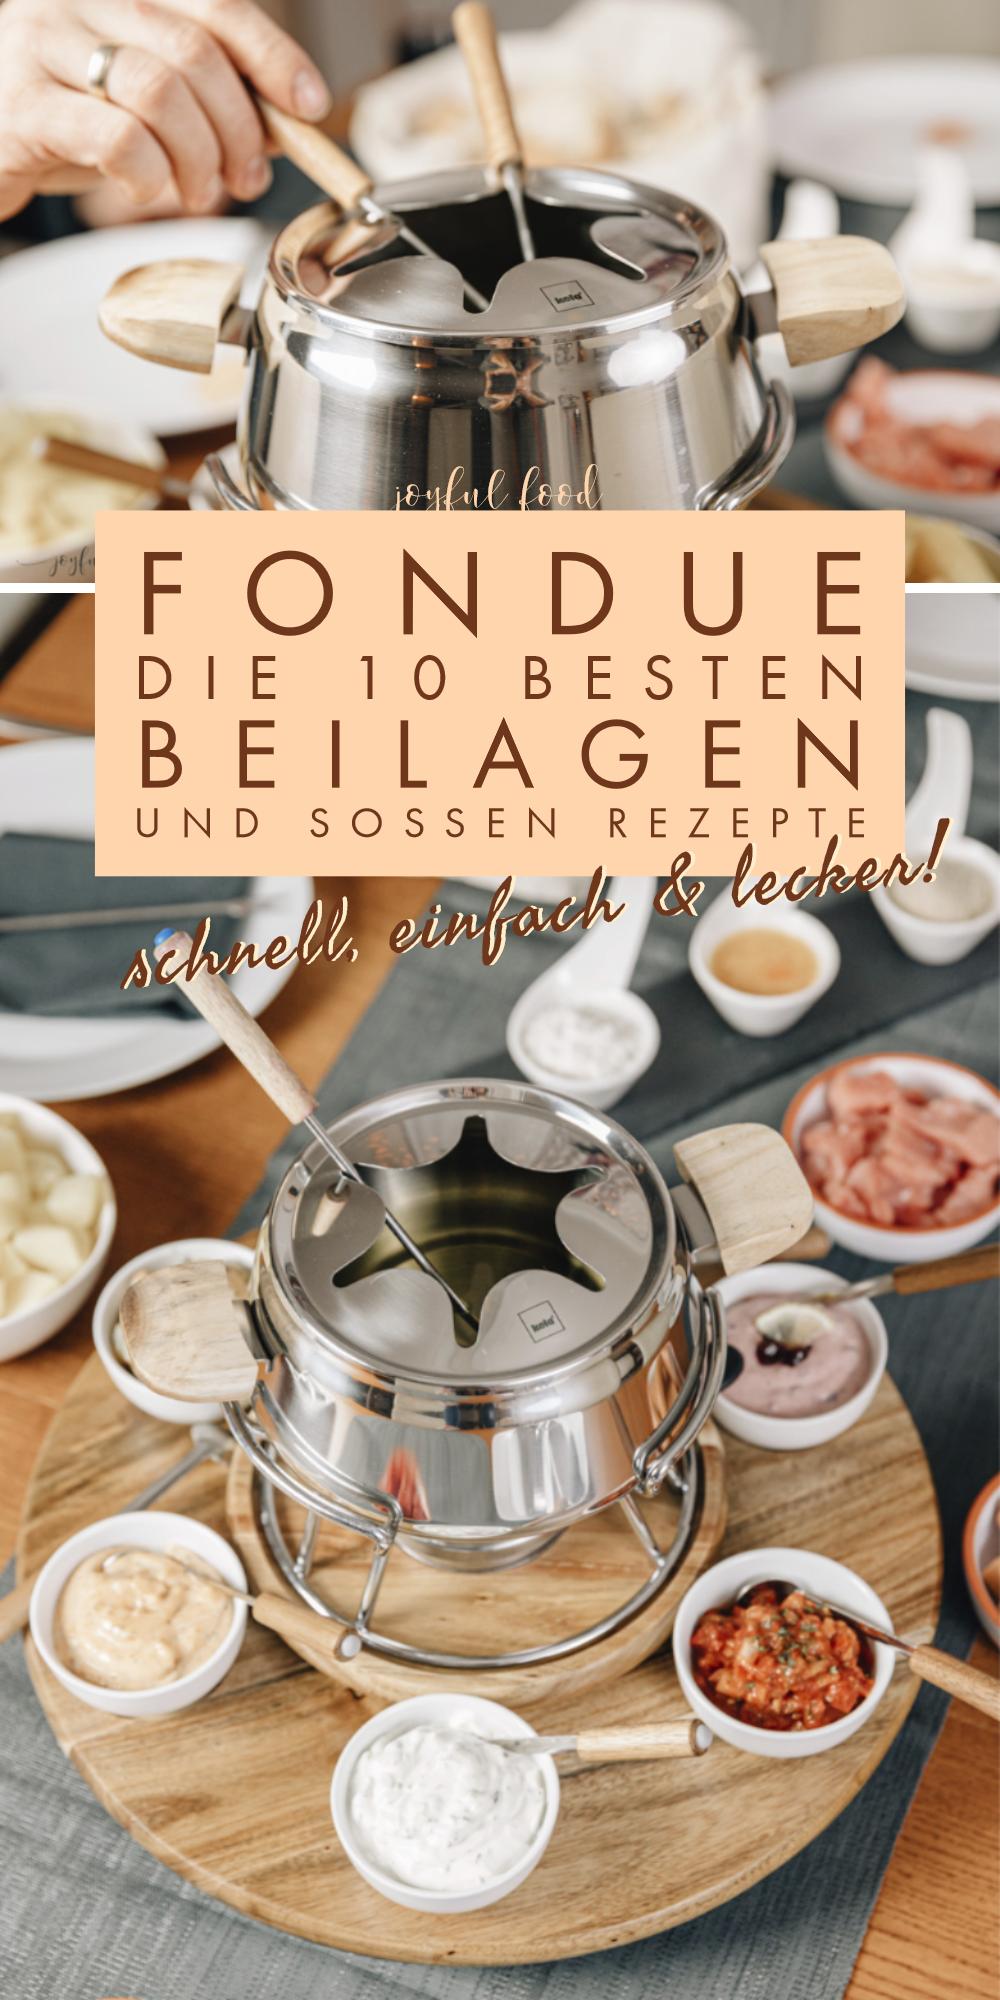 Fondue Rezepte - die 10 besten Beilagen und Saucen #bestdrinks